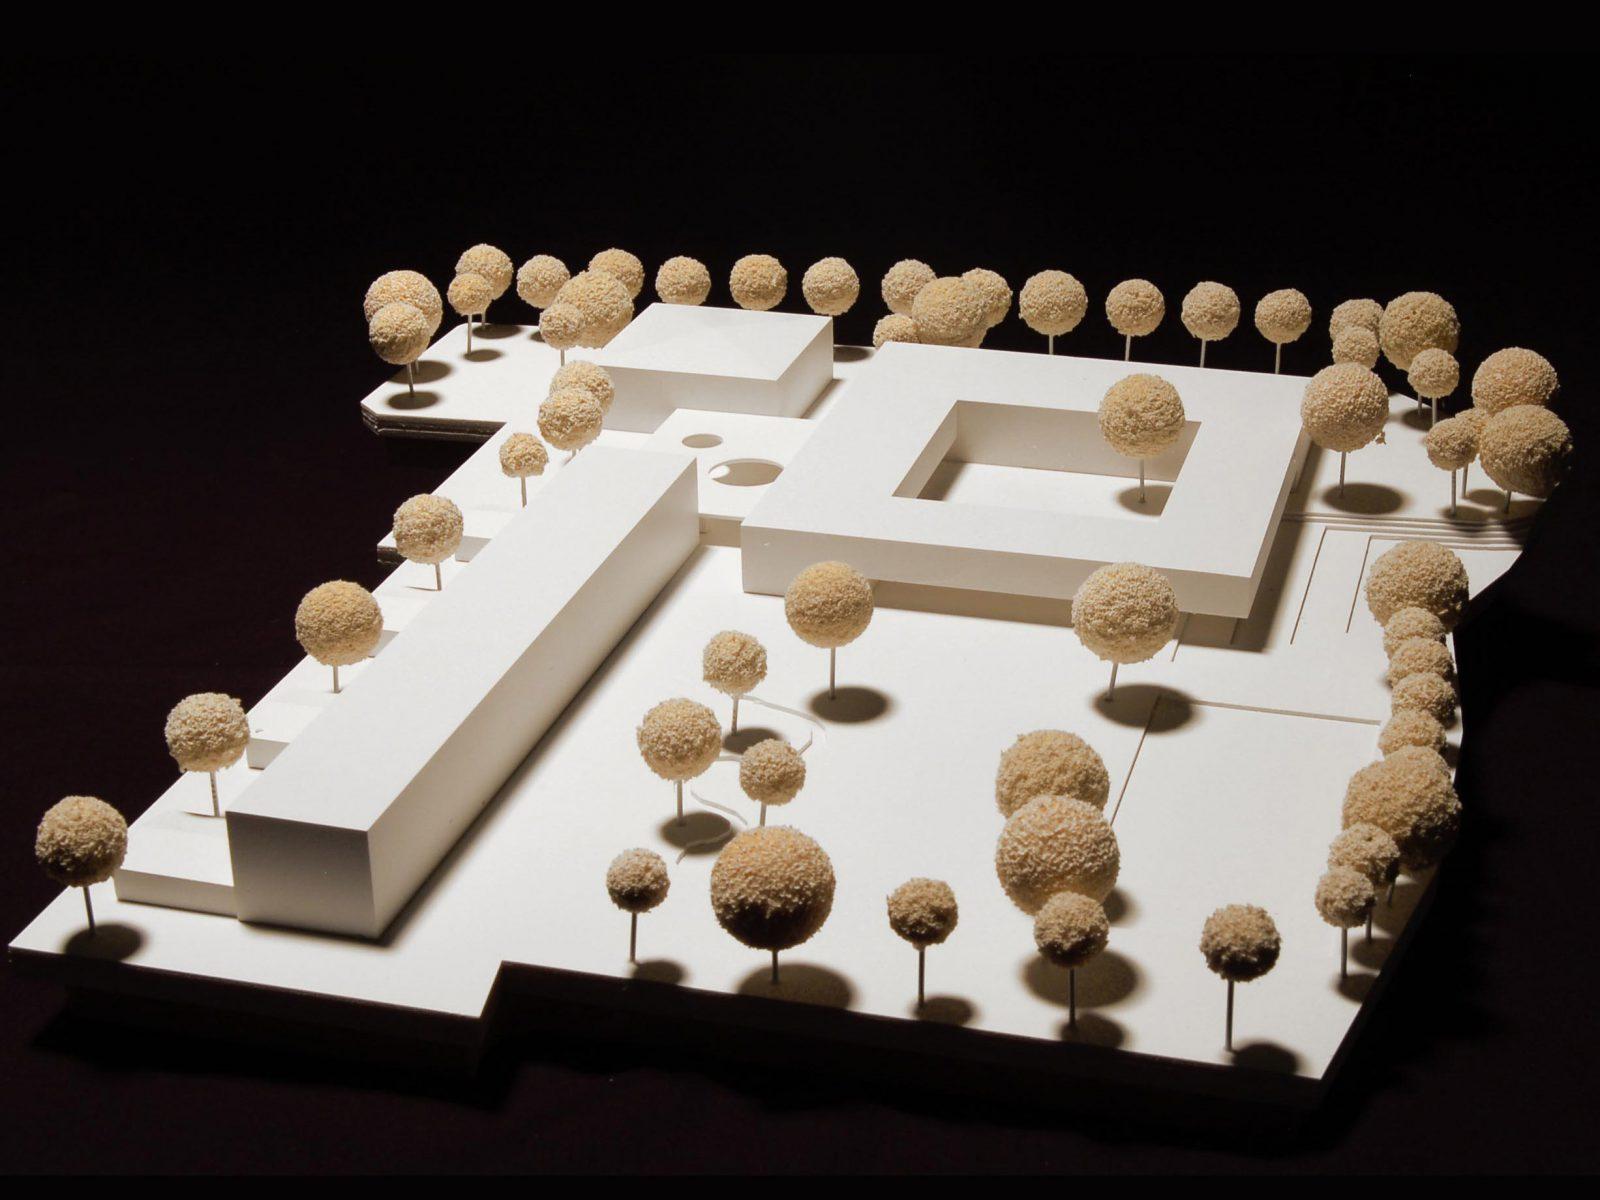 Modell-Wettbewerb-Fritz-Beck-Mittelschule_Landsberg-am-Lech -Anerkennung-2013-© Friedrich-Poerschke-Zwink-Architekten